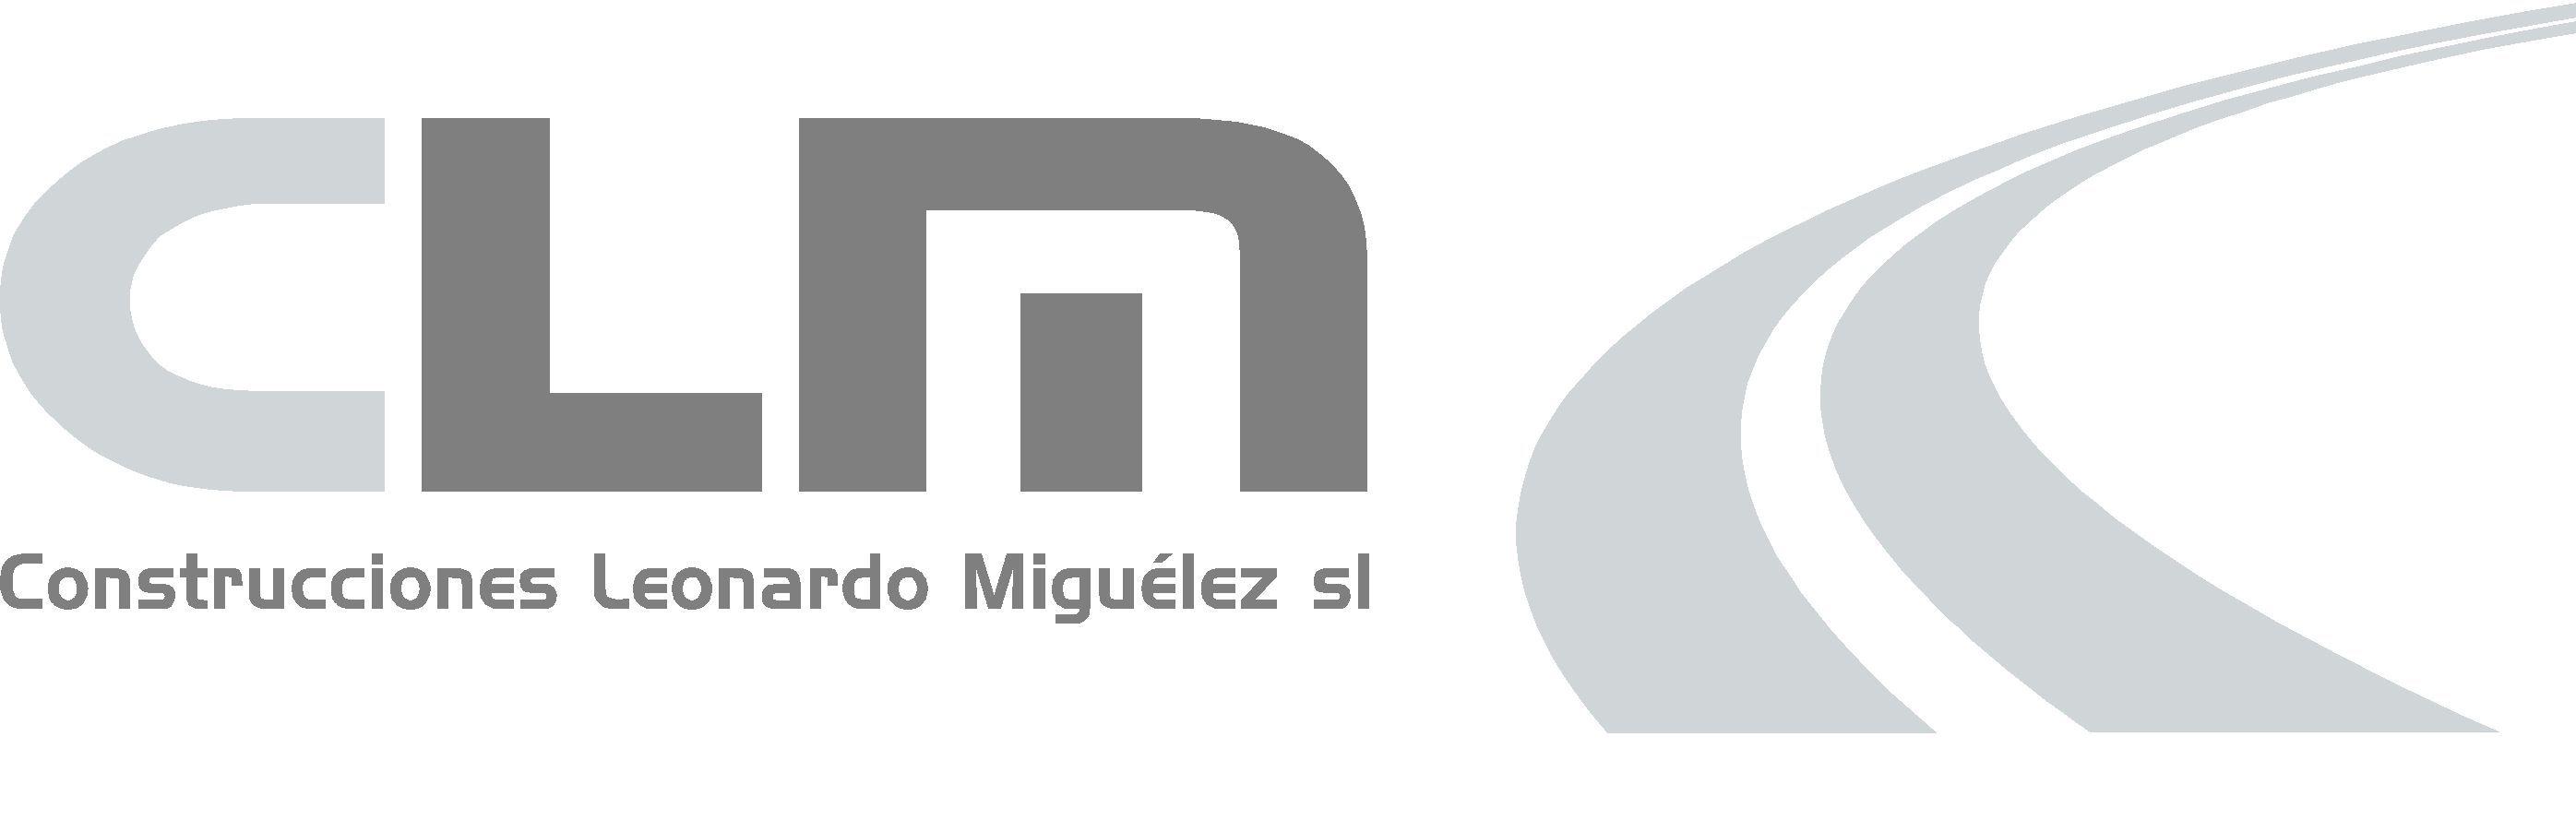 Logo Construcciones Leonardo Miguélez